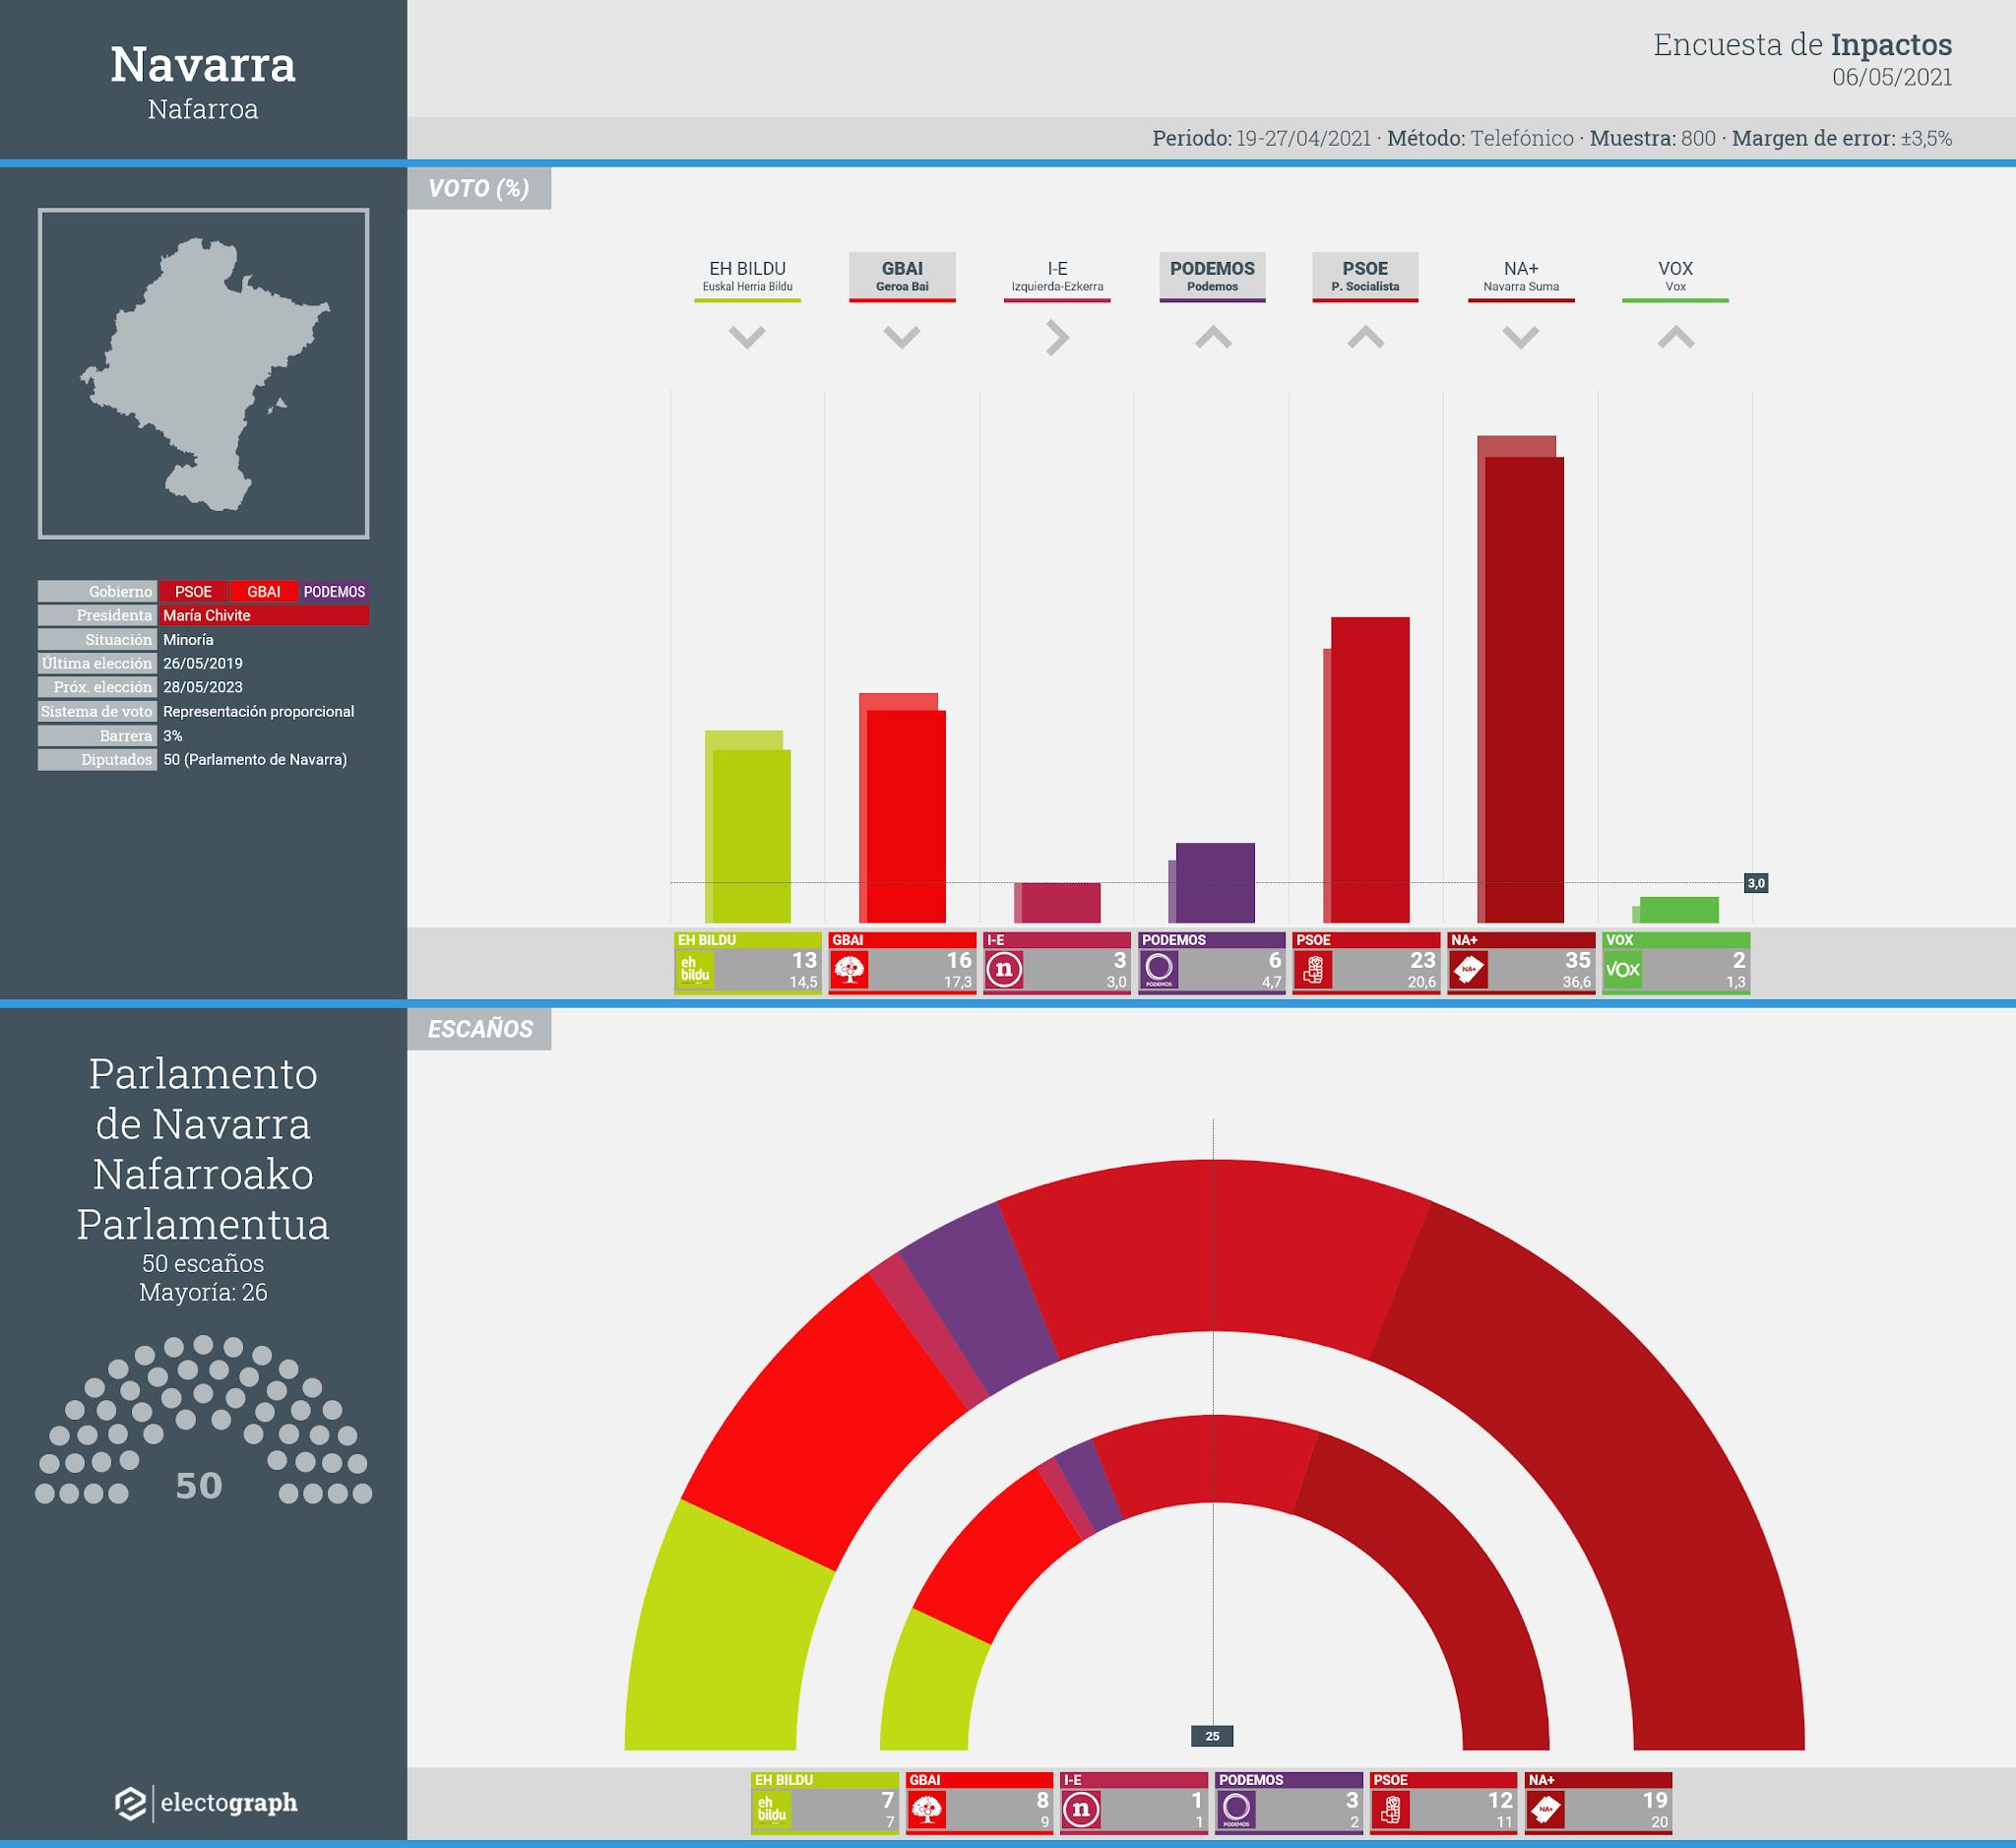 Gráfico de la encuesta para elecciones autonómicas en Navarra realizada por Inpactos, 6 de mayo de 2021